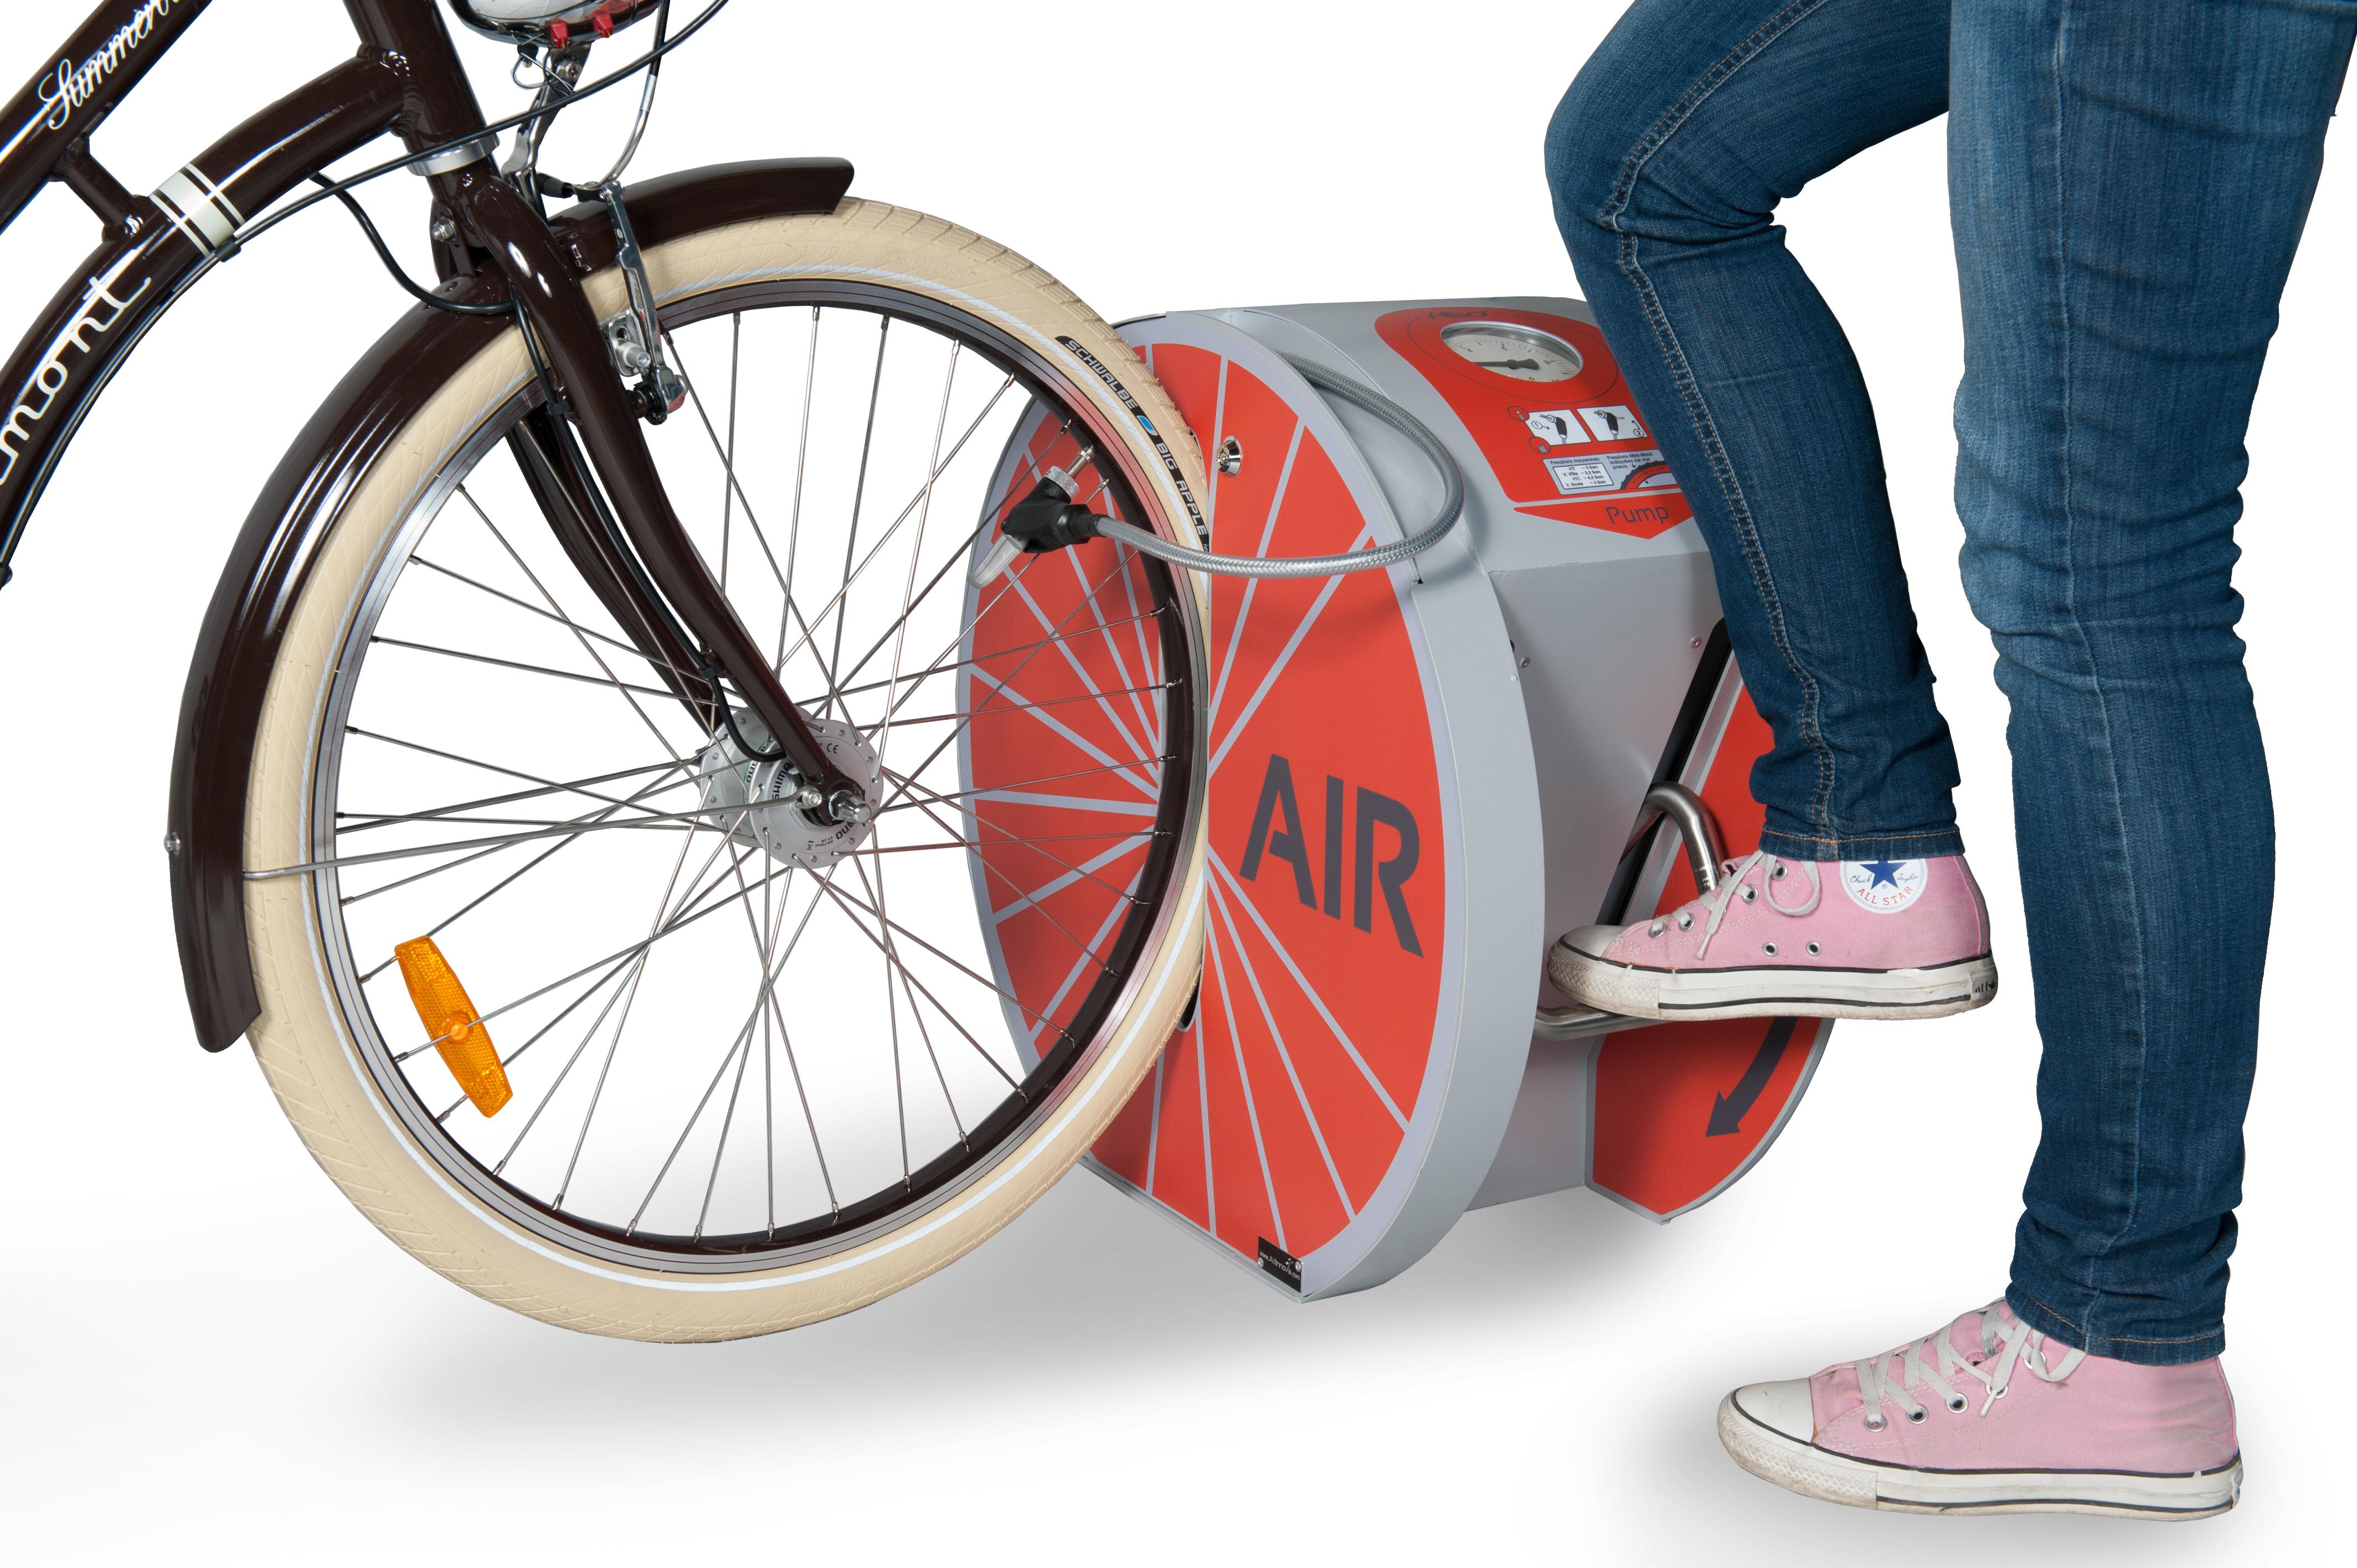 station de gonflage vélo ALTAO Pump : une des solutions pour les cyclistes